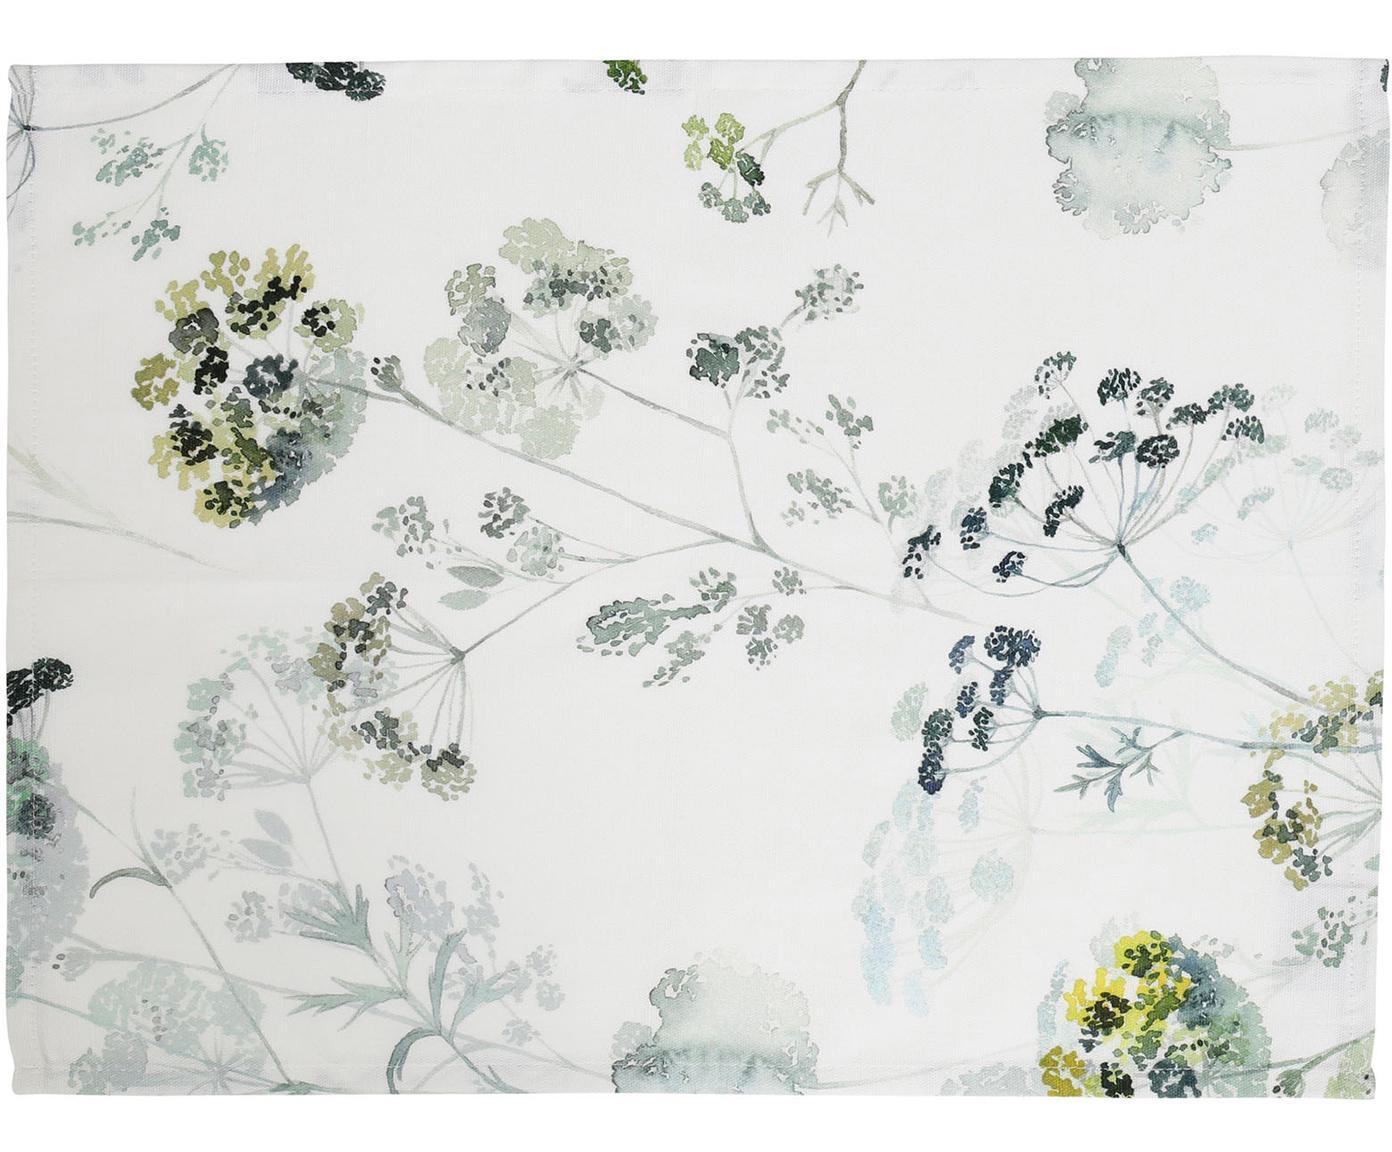 Tischsets Herbier mit Aquarell Print, 2 Stück, Baumwolle, Weiß, Grün, 38 x 50 cm